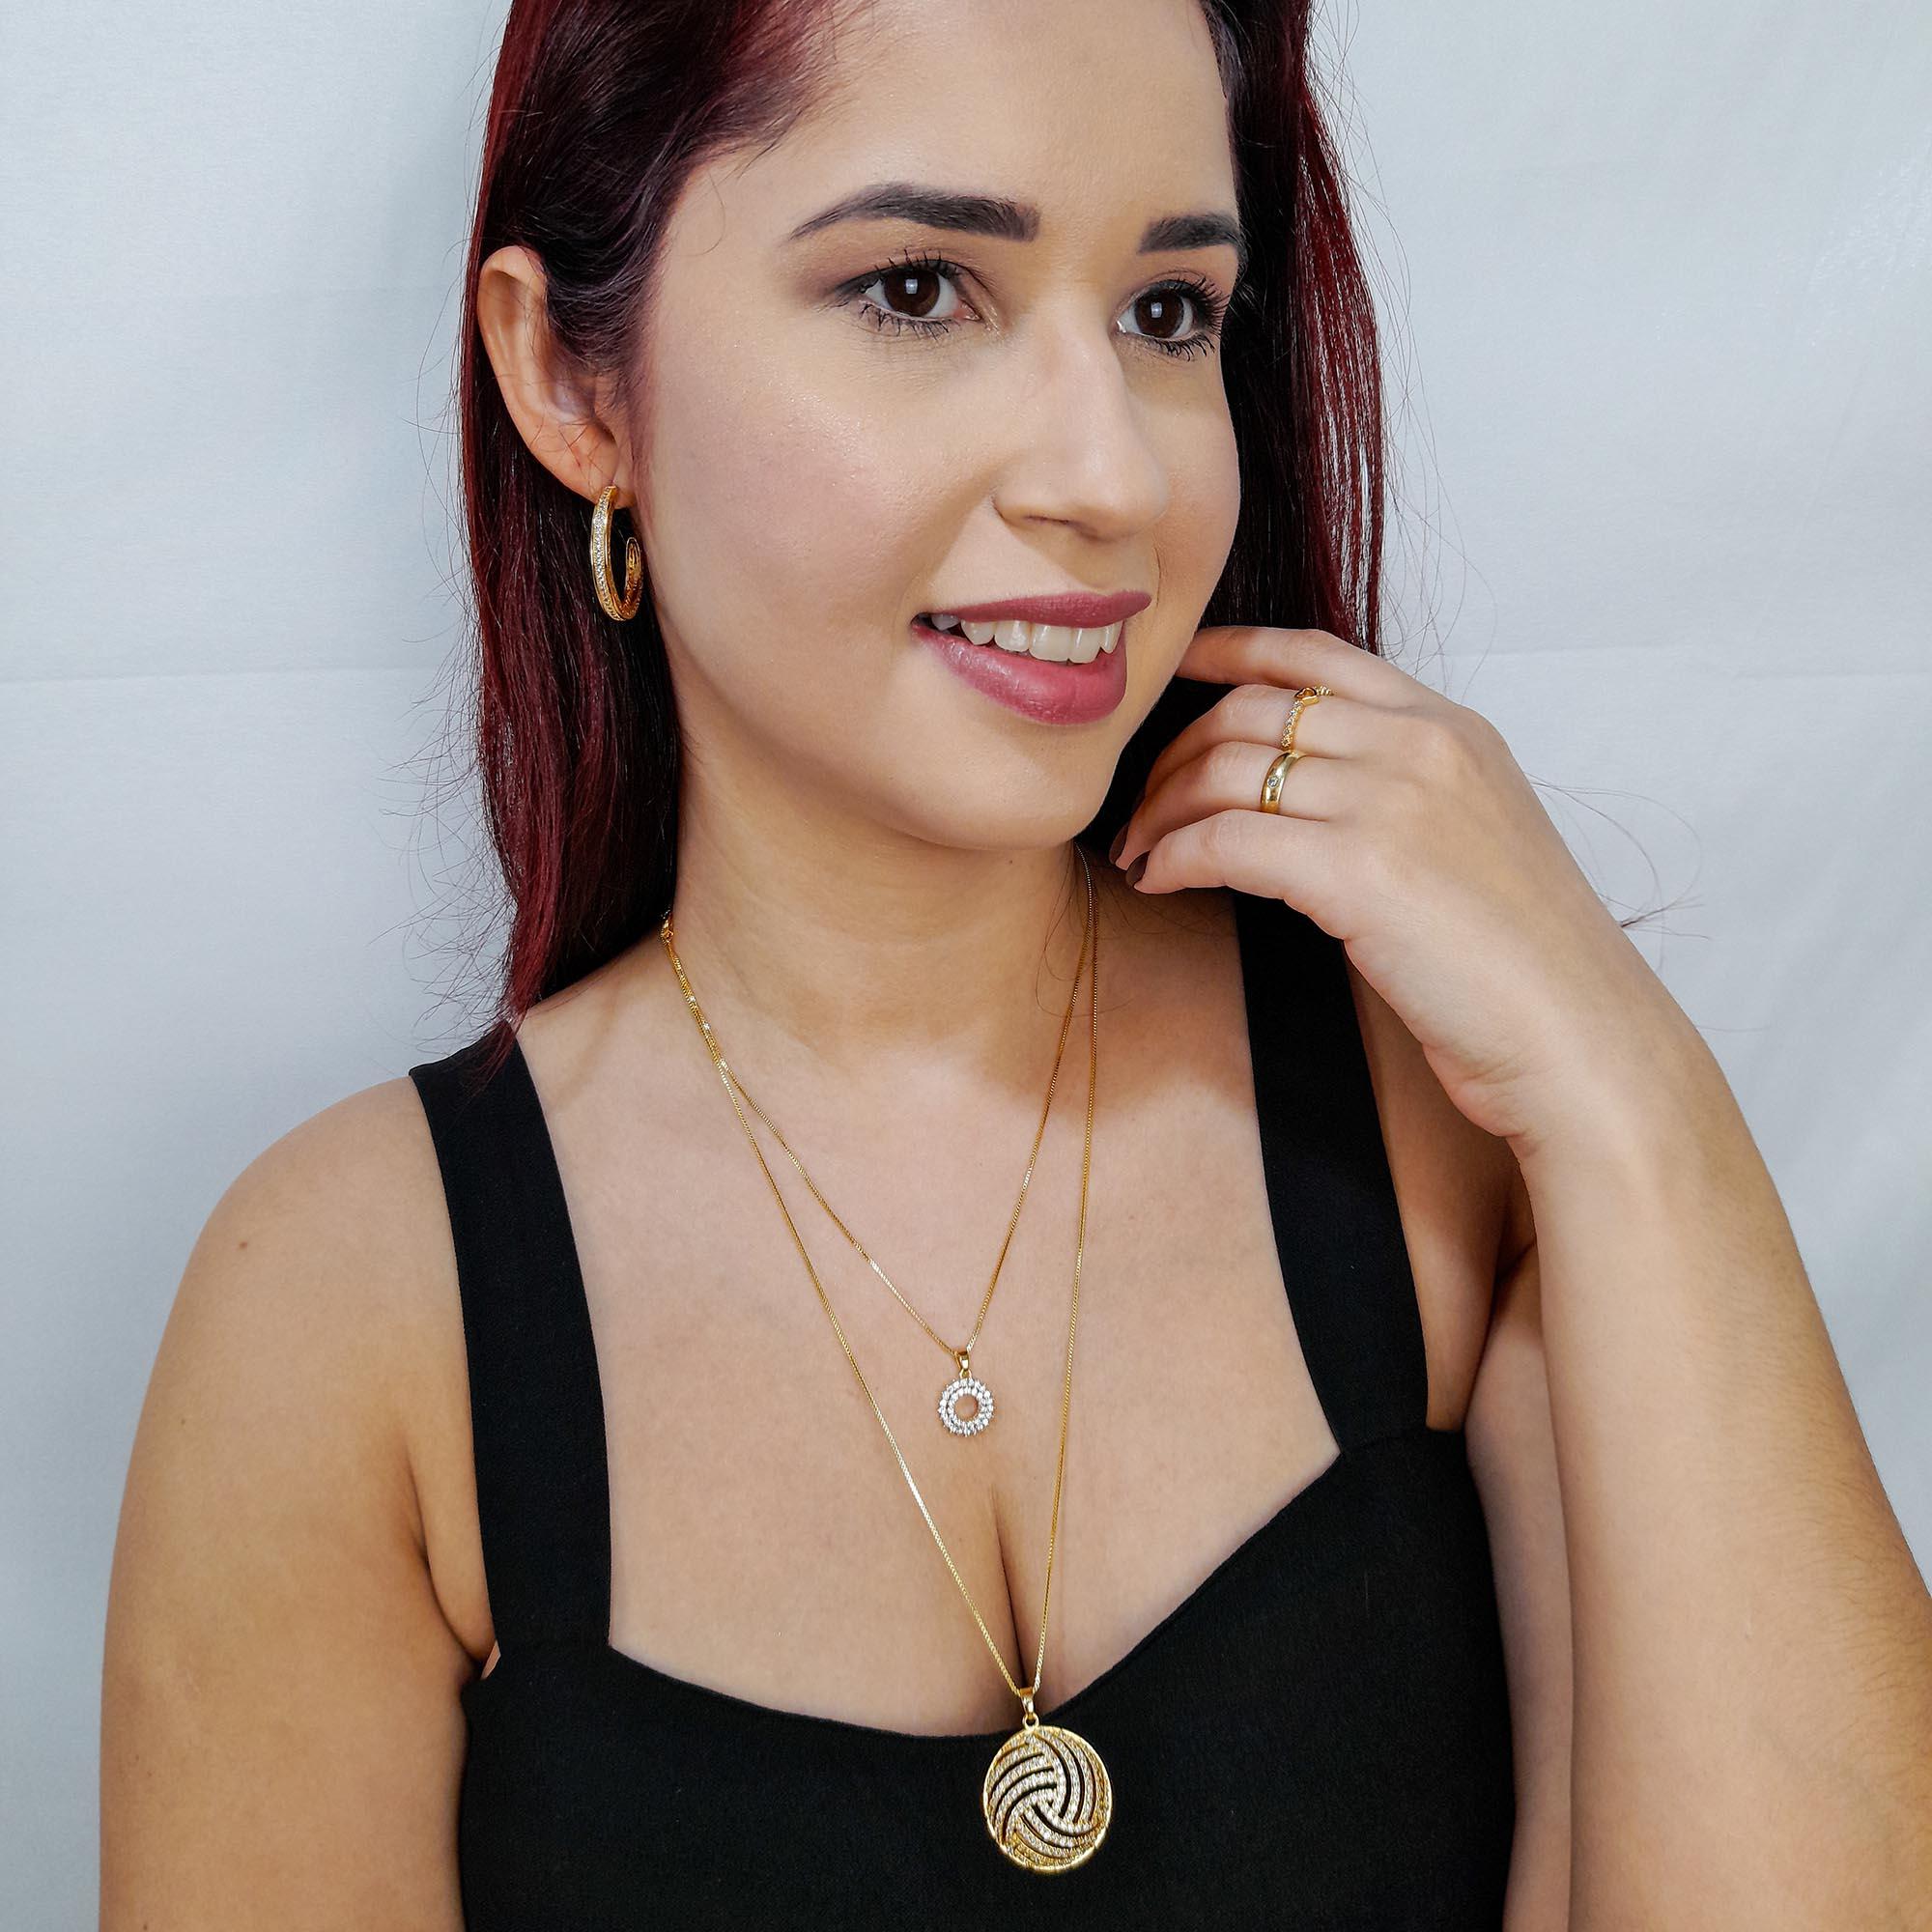 Colar Comprido Pingente Redondo Zircônias Folheado Ouro 18K  - Lunozê Joias